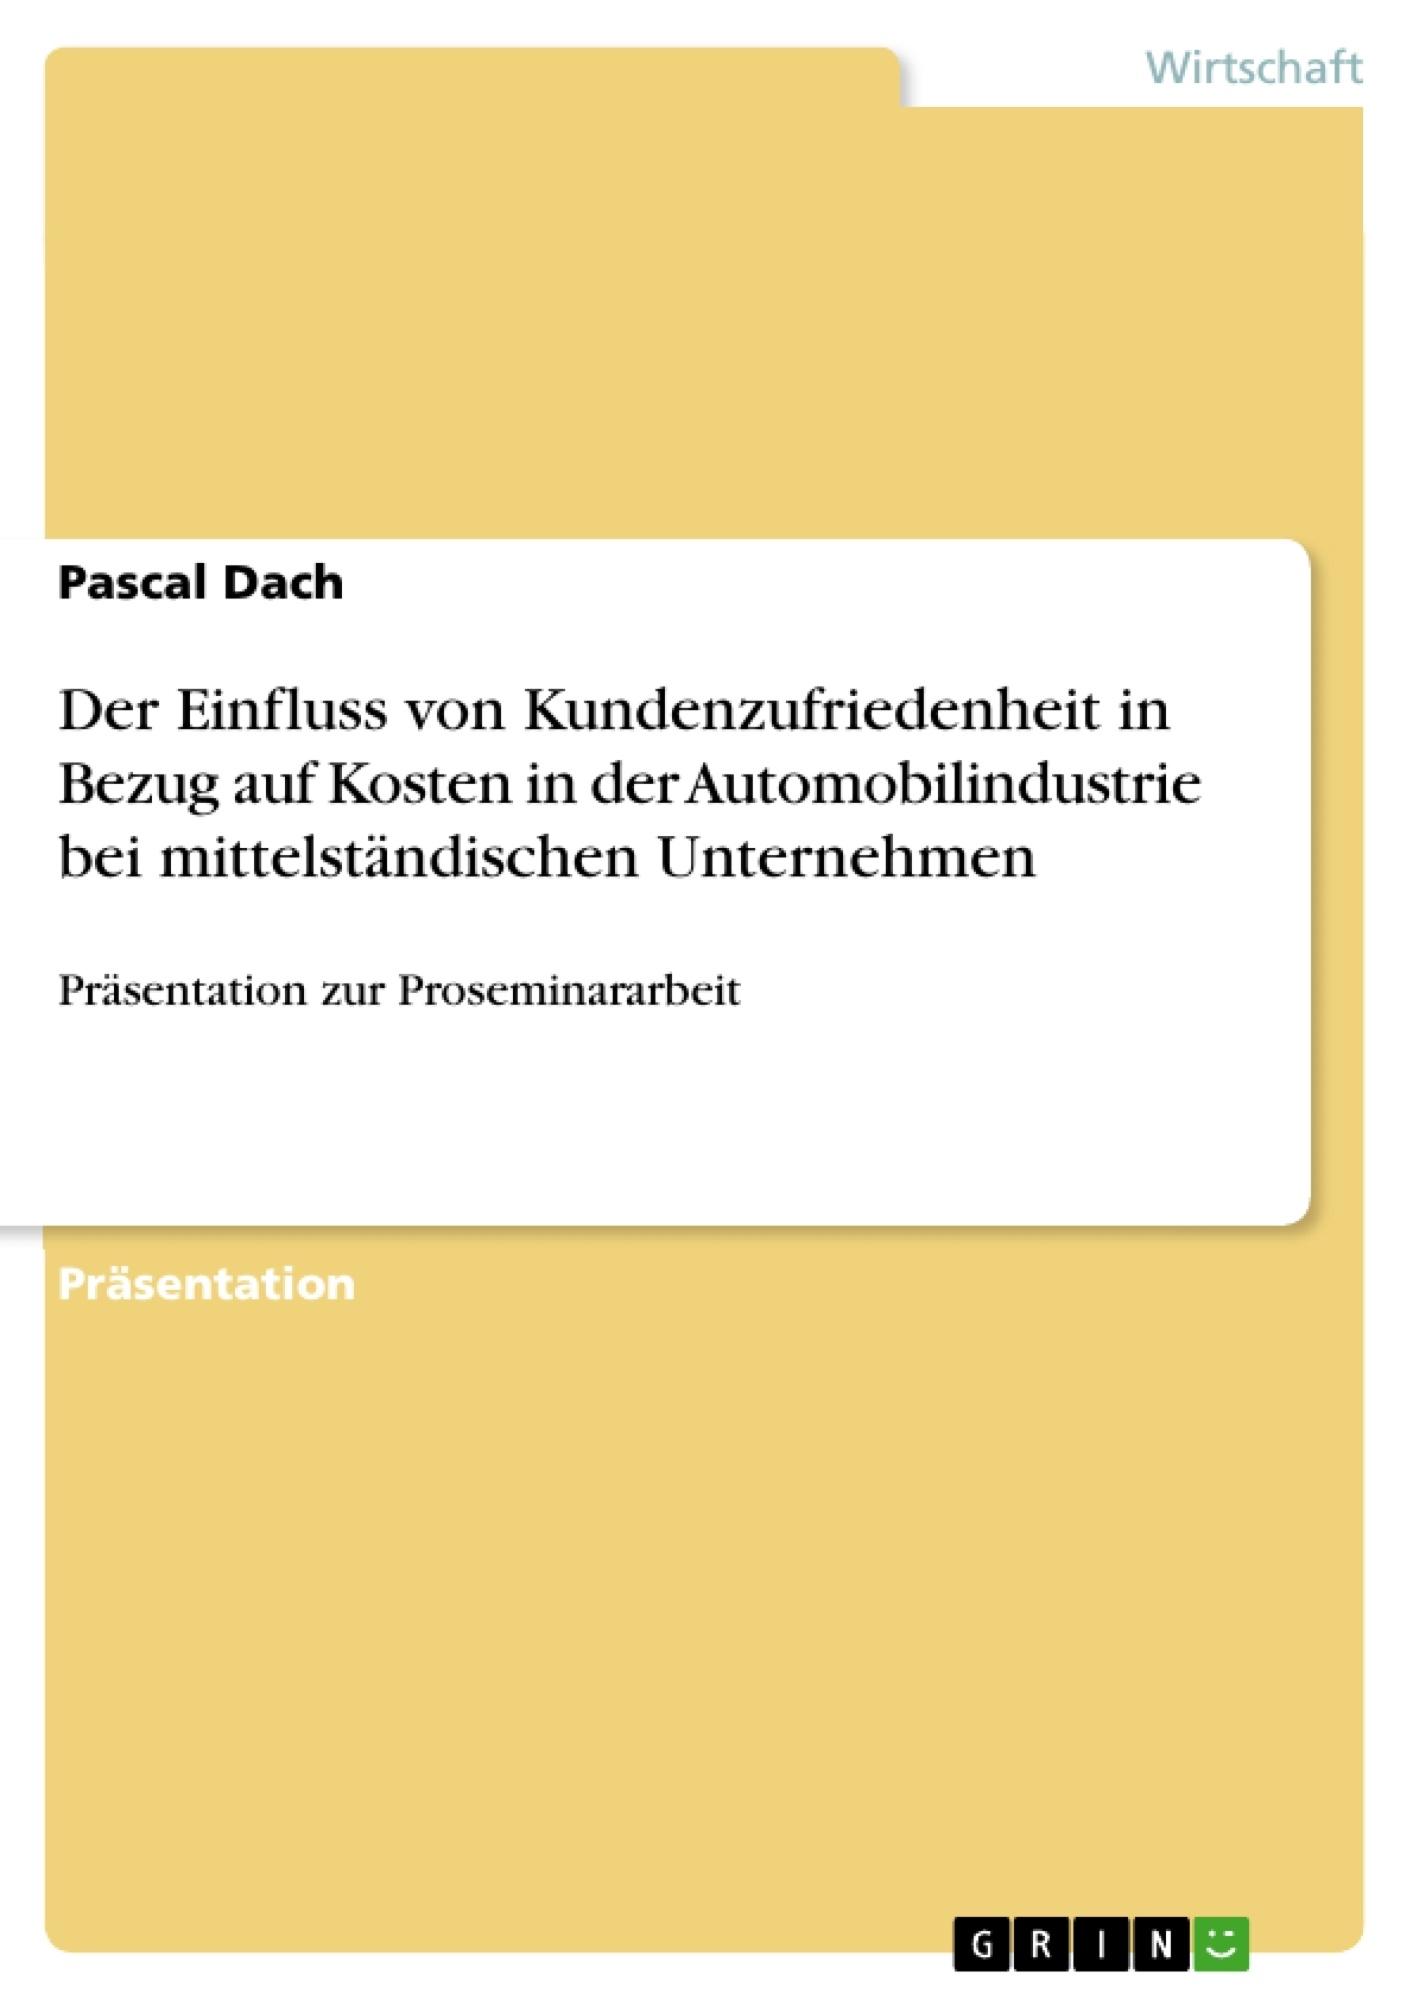 Titel: Der Einfluss von Kundenzufriedenheit in Bezug auf Kosten in der Automobilindustrie bei mittelständischen Unternehmen